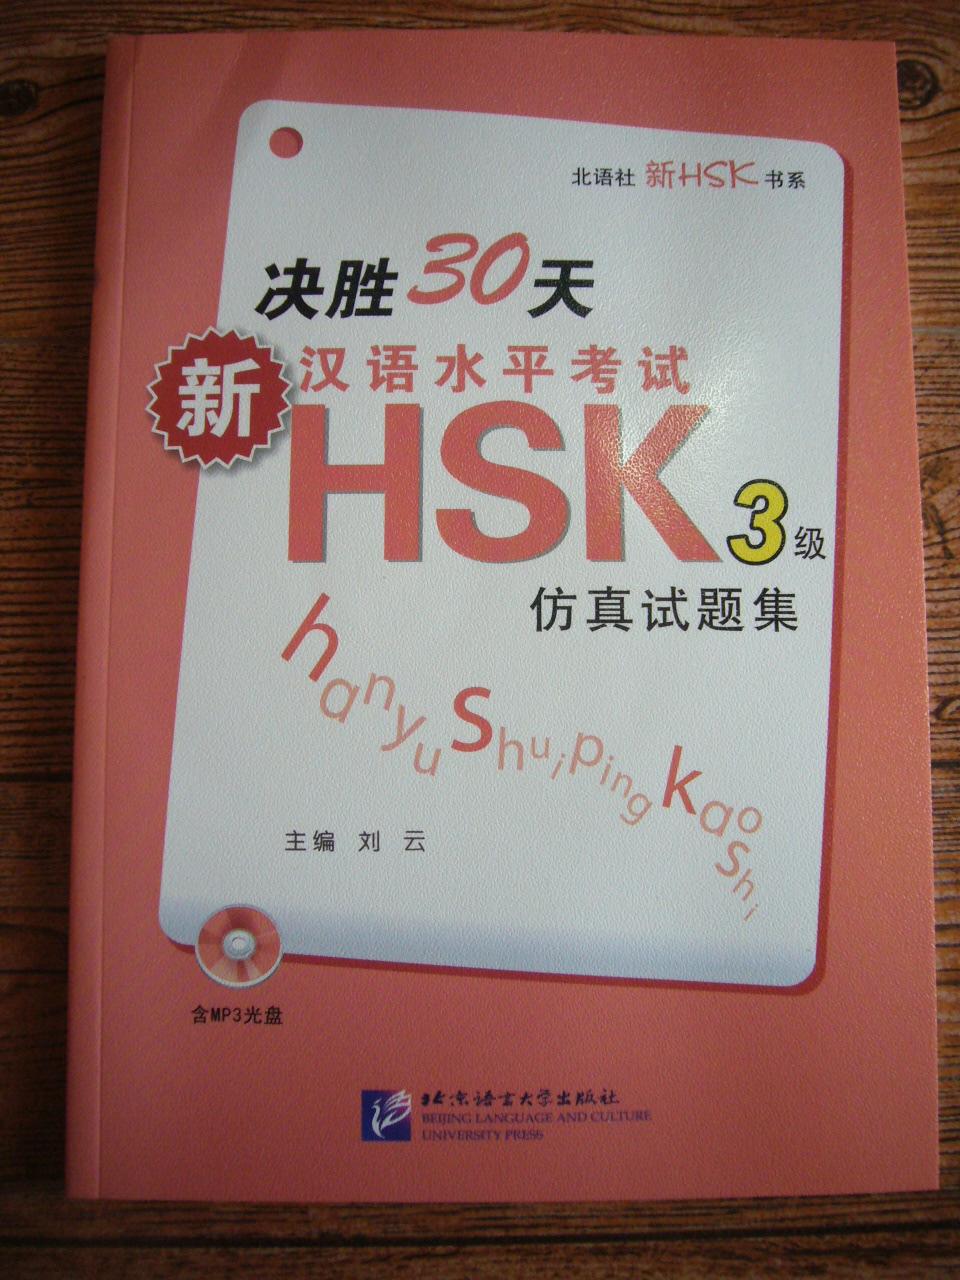 คู่มือพิชิต HSK ระดับ 3 ใน 30 วัน